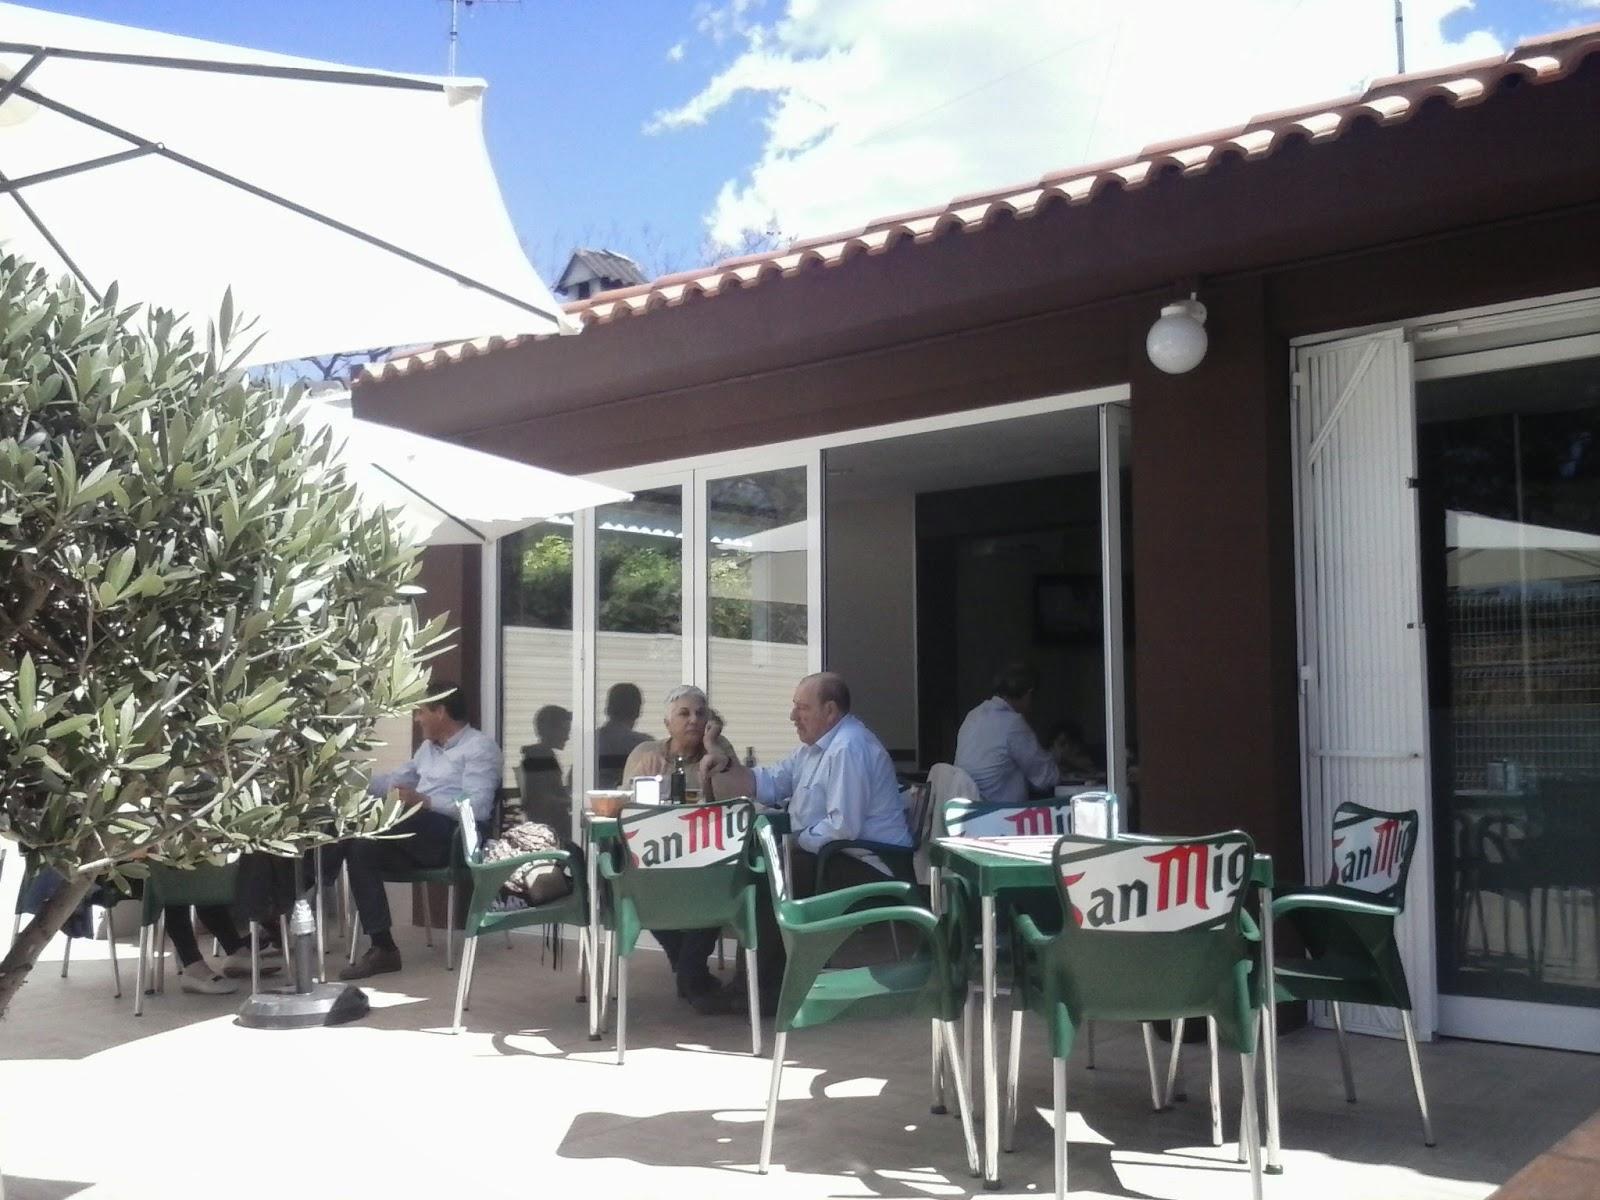 Ca Ada Kin Polis El Restaurante La Vereda